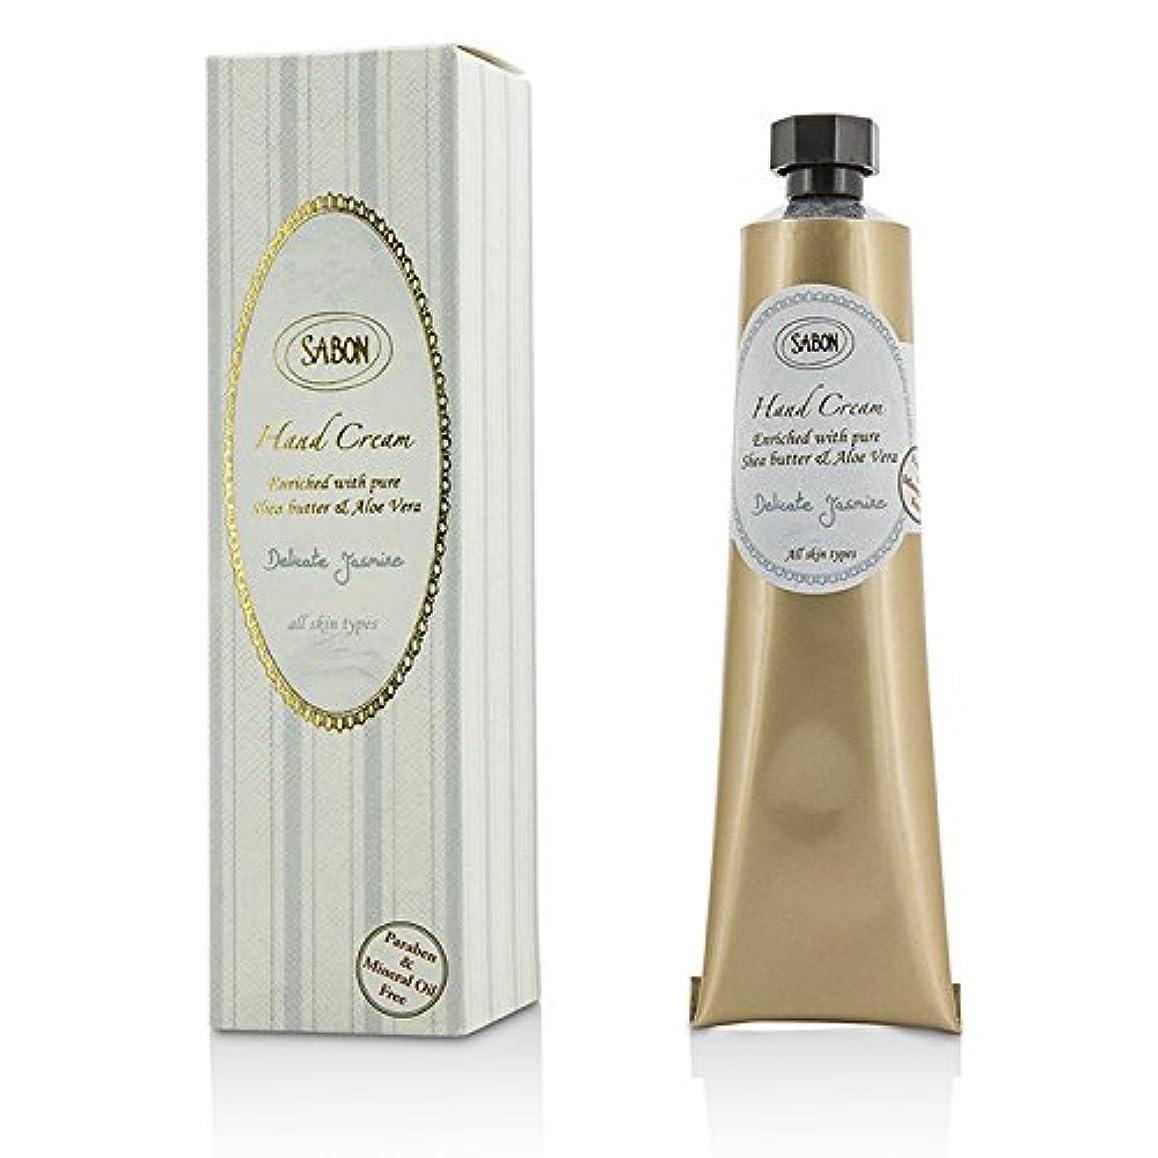 協定裕福な誘導サボン Hand Cream - Delicate Jasmine (Tube) 50ml/1.66oz並行輸入品